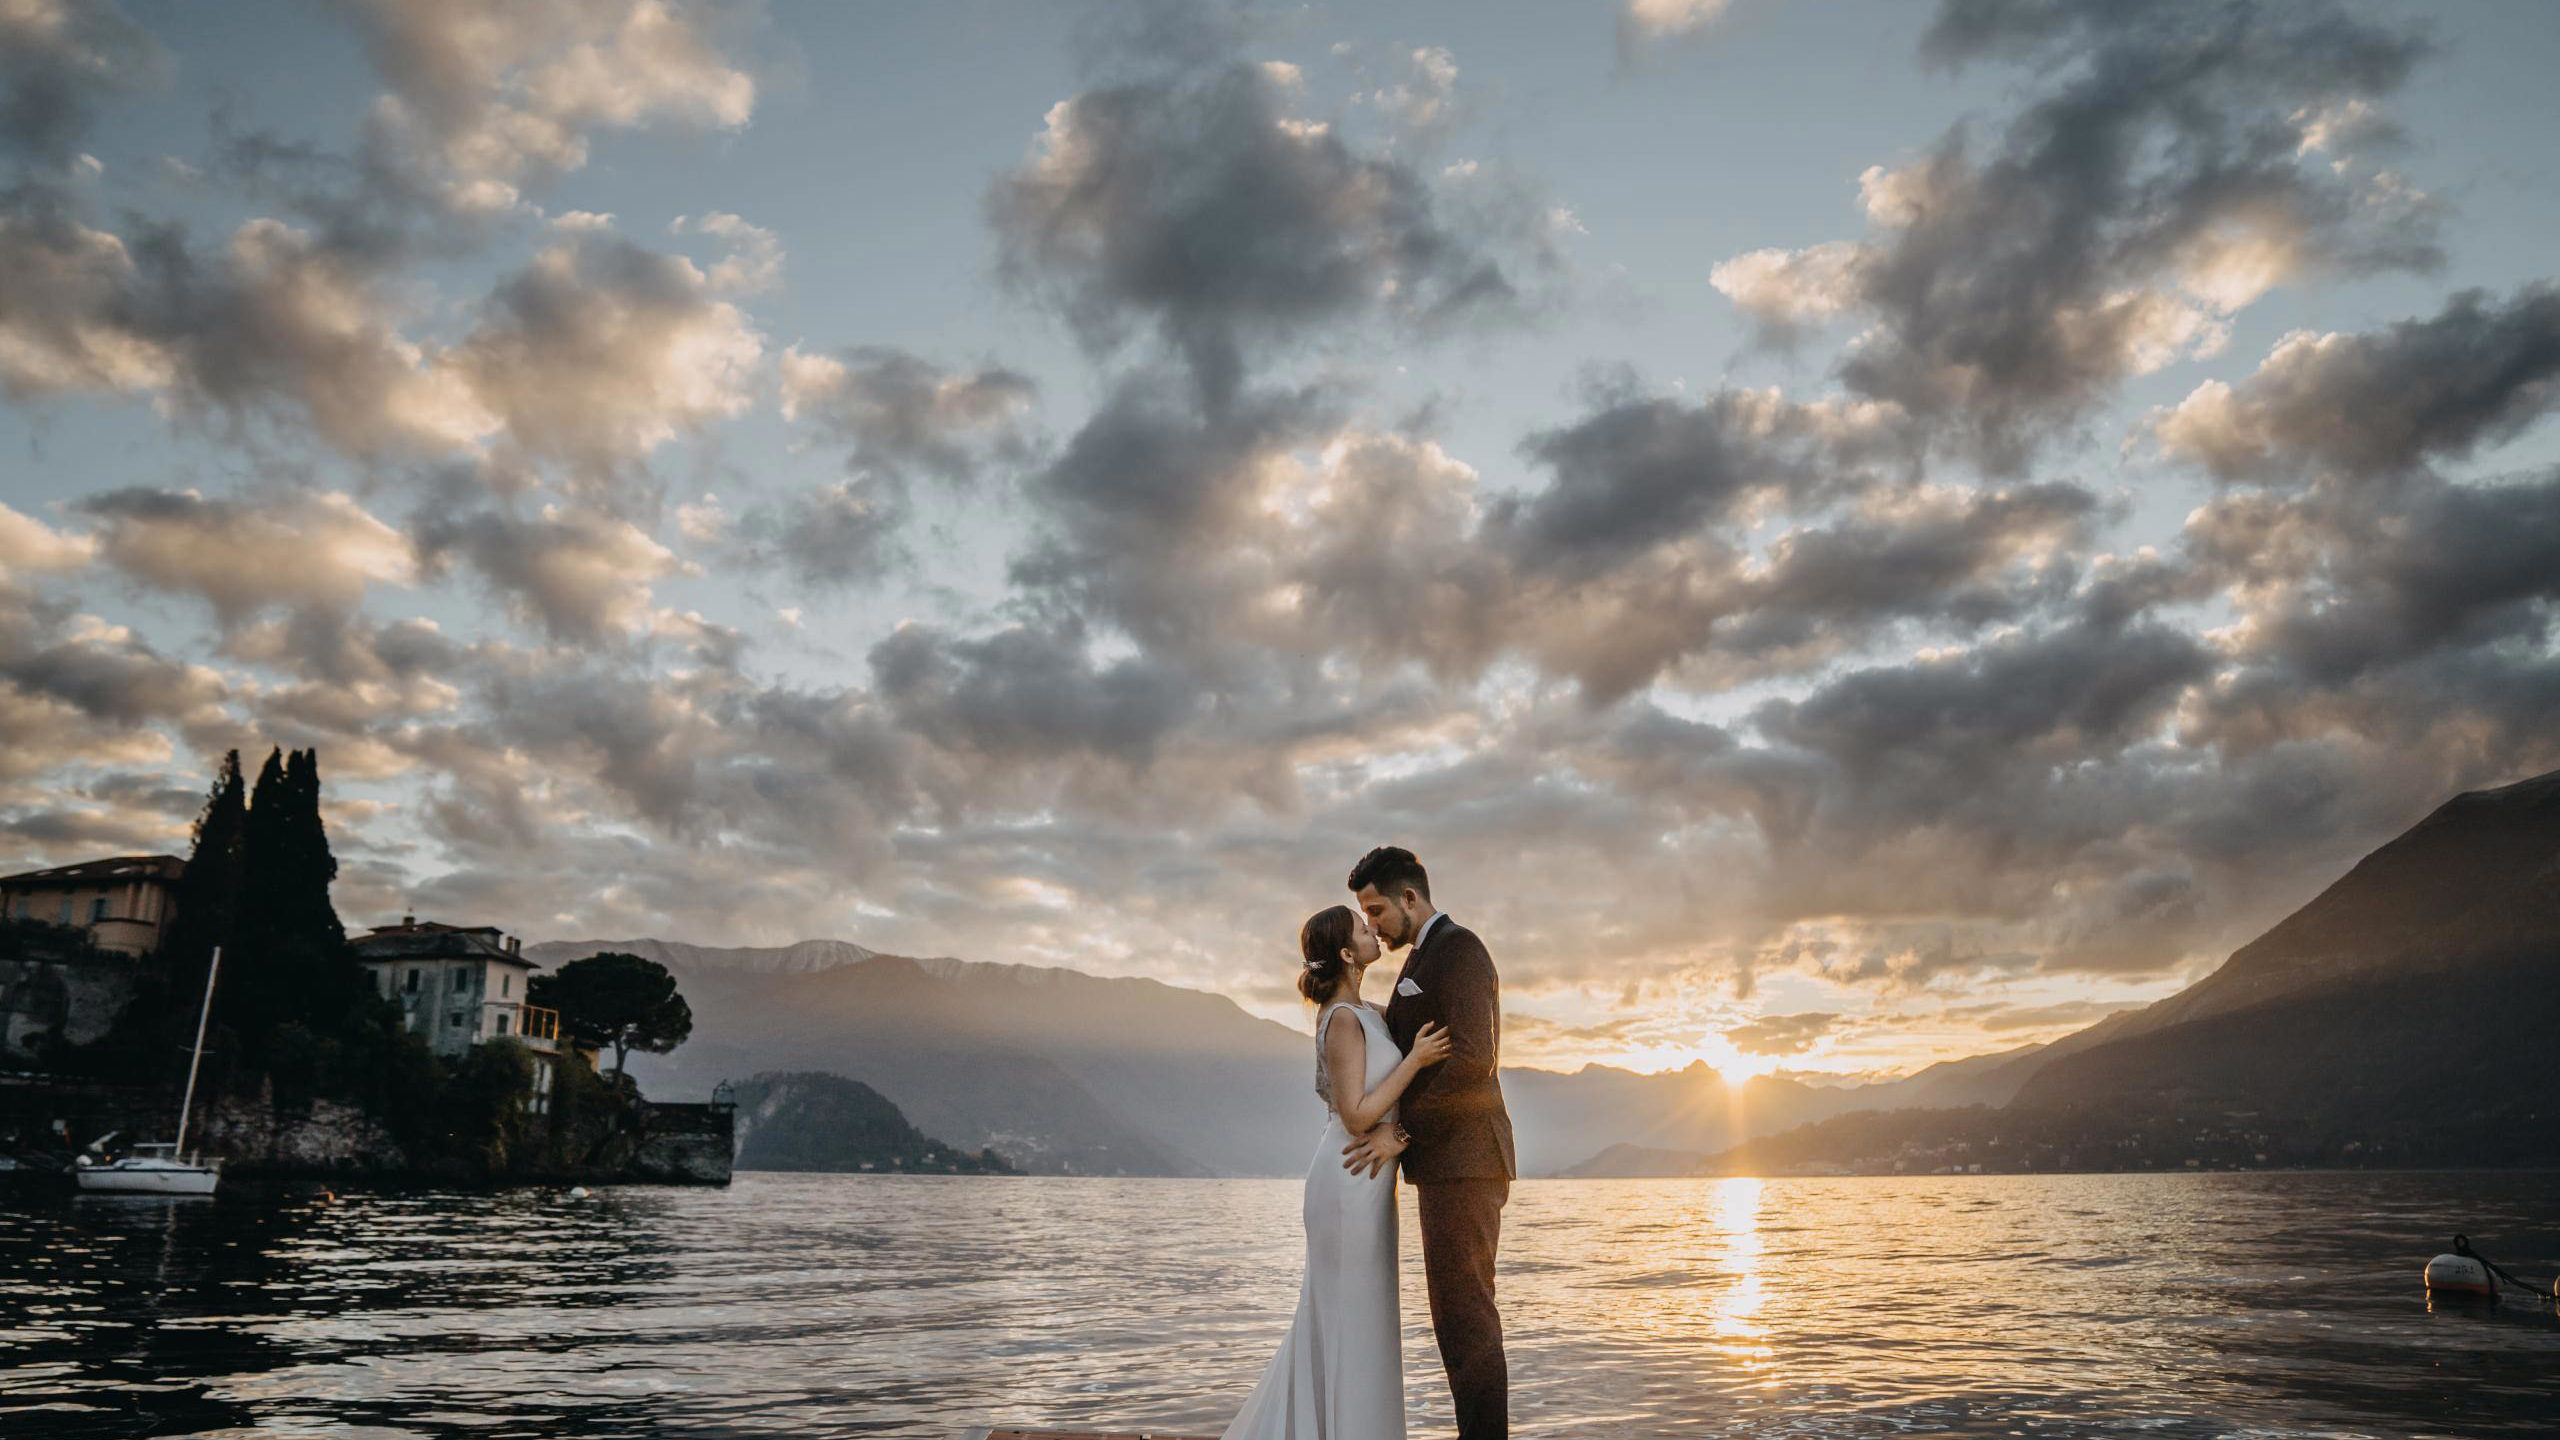 Szafranowy Dwór - Idealne wesele i sesja we Włoszech 4